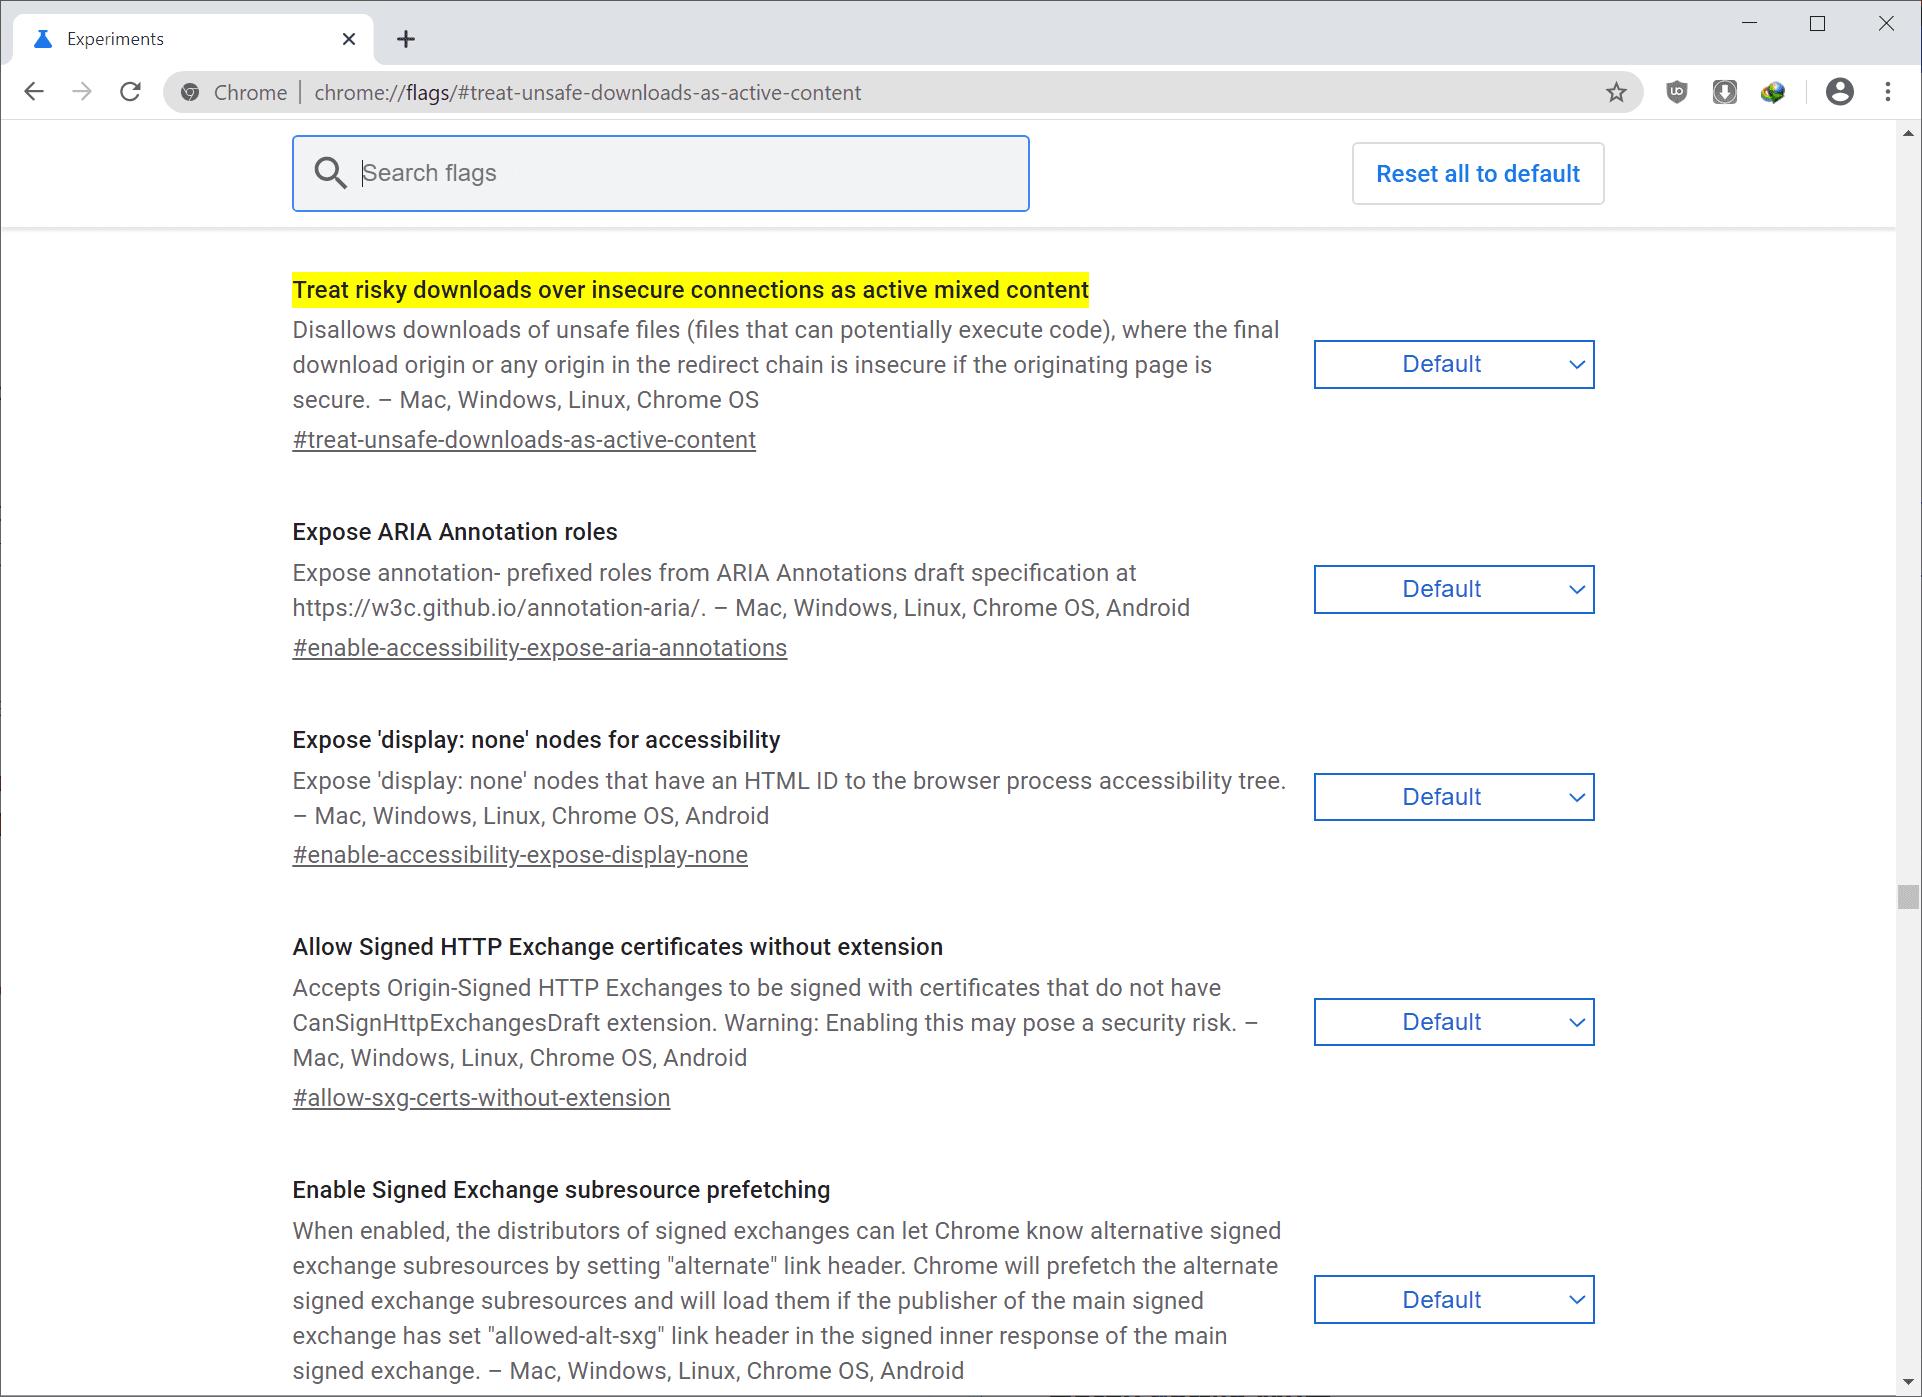 descargas inseguras de Chrome